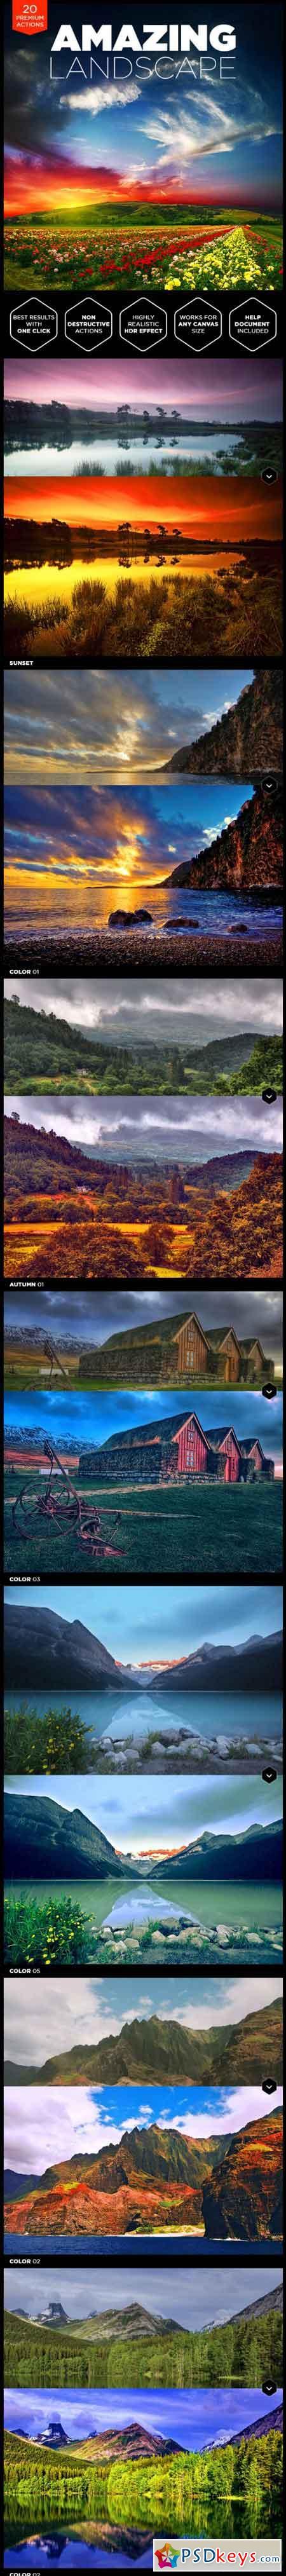 Landscape Photoshop Actions 15370875